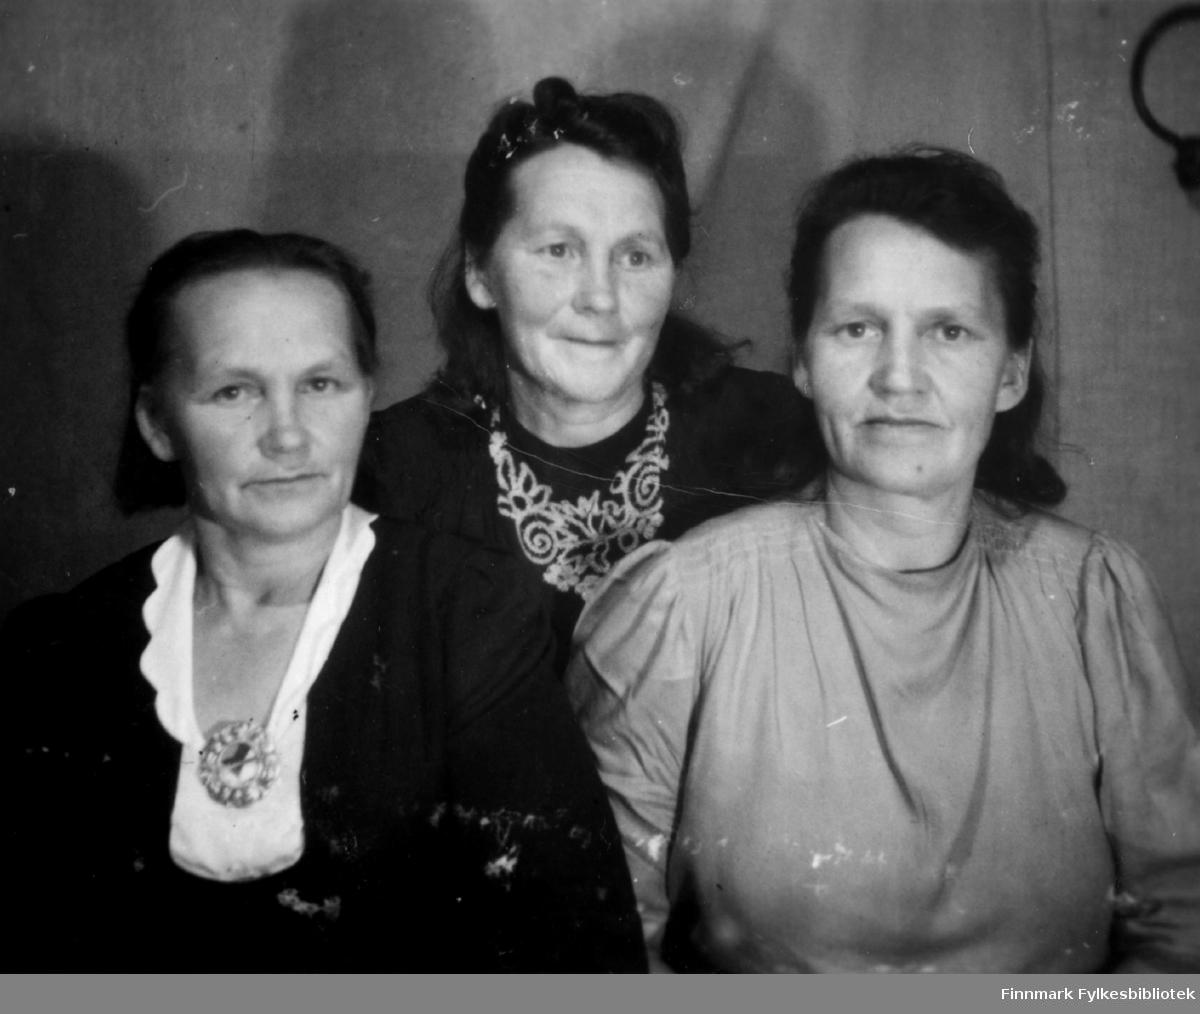 Søstrene Sandra, Anna og Marie Saari fra Neiden. De ble gift Labahå, Nordgård og Sivertsen